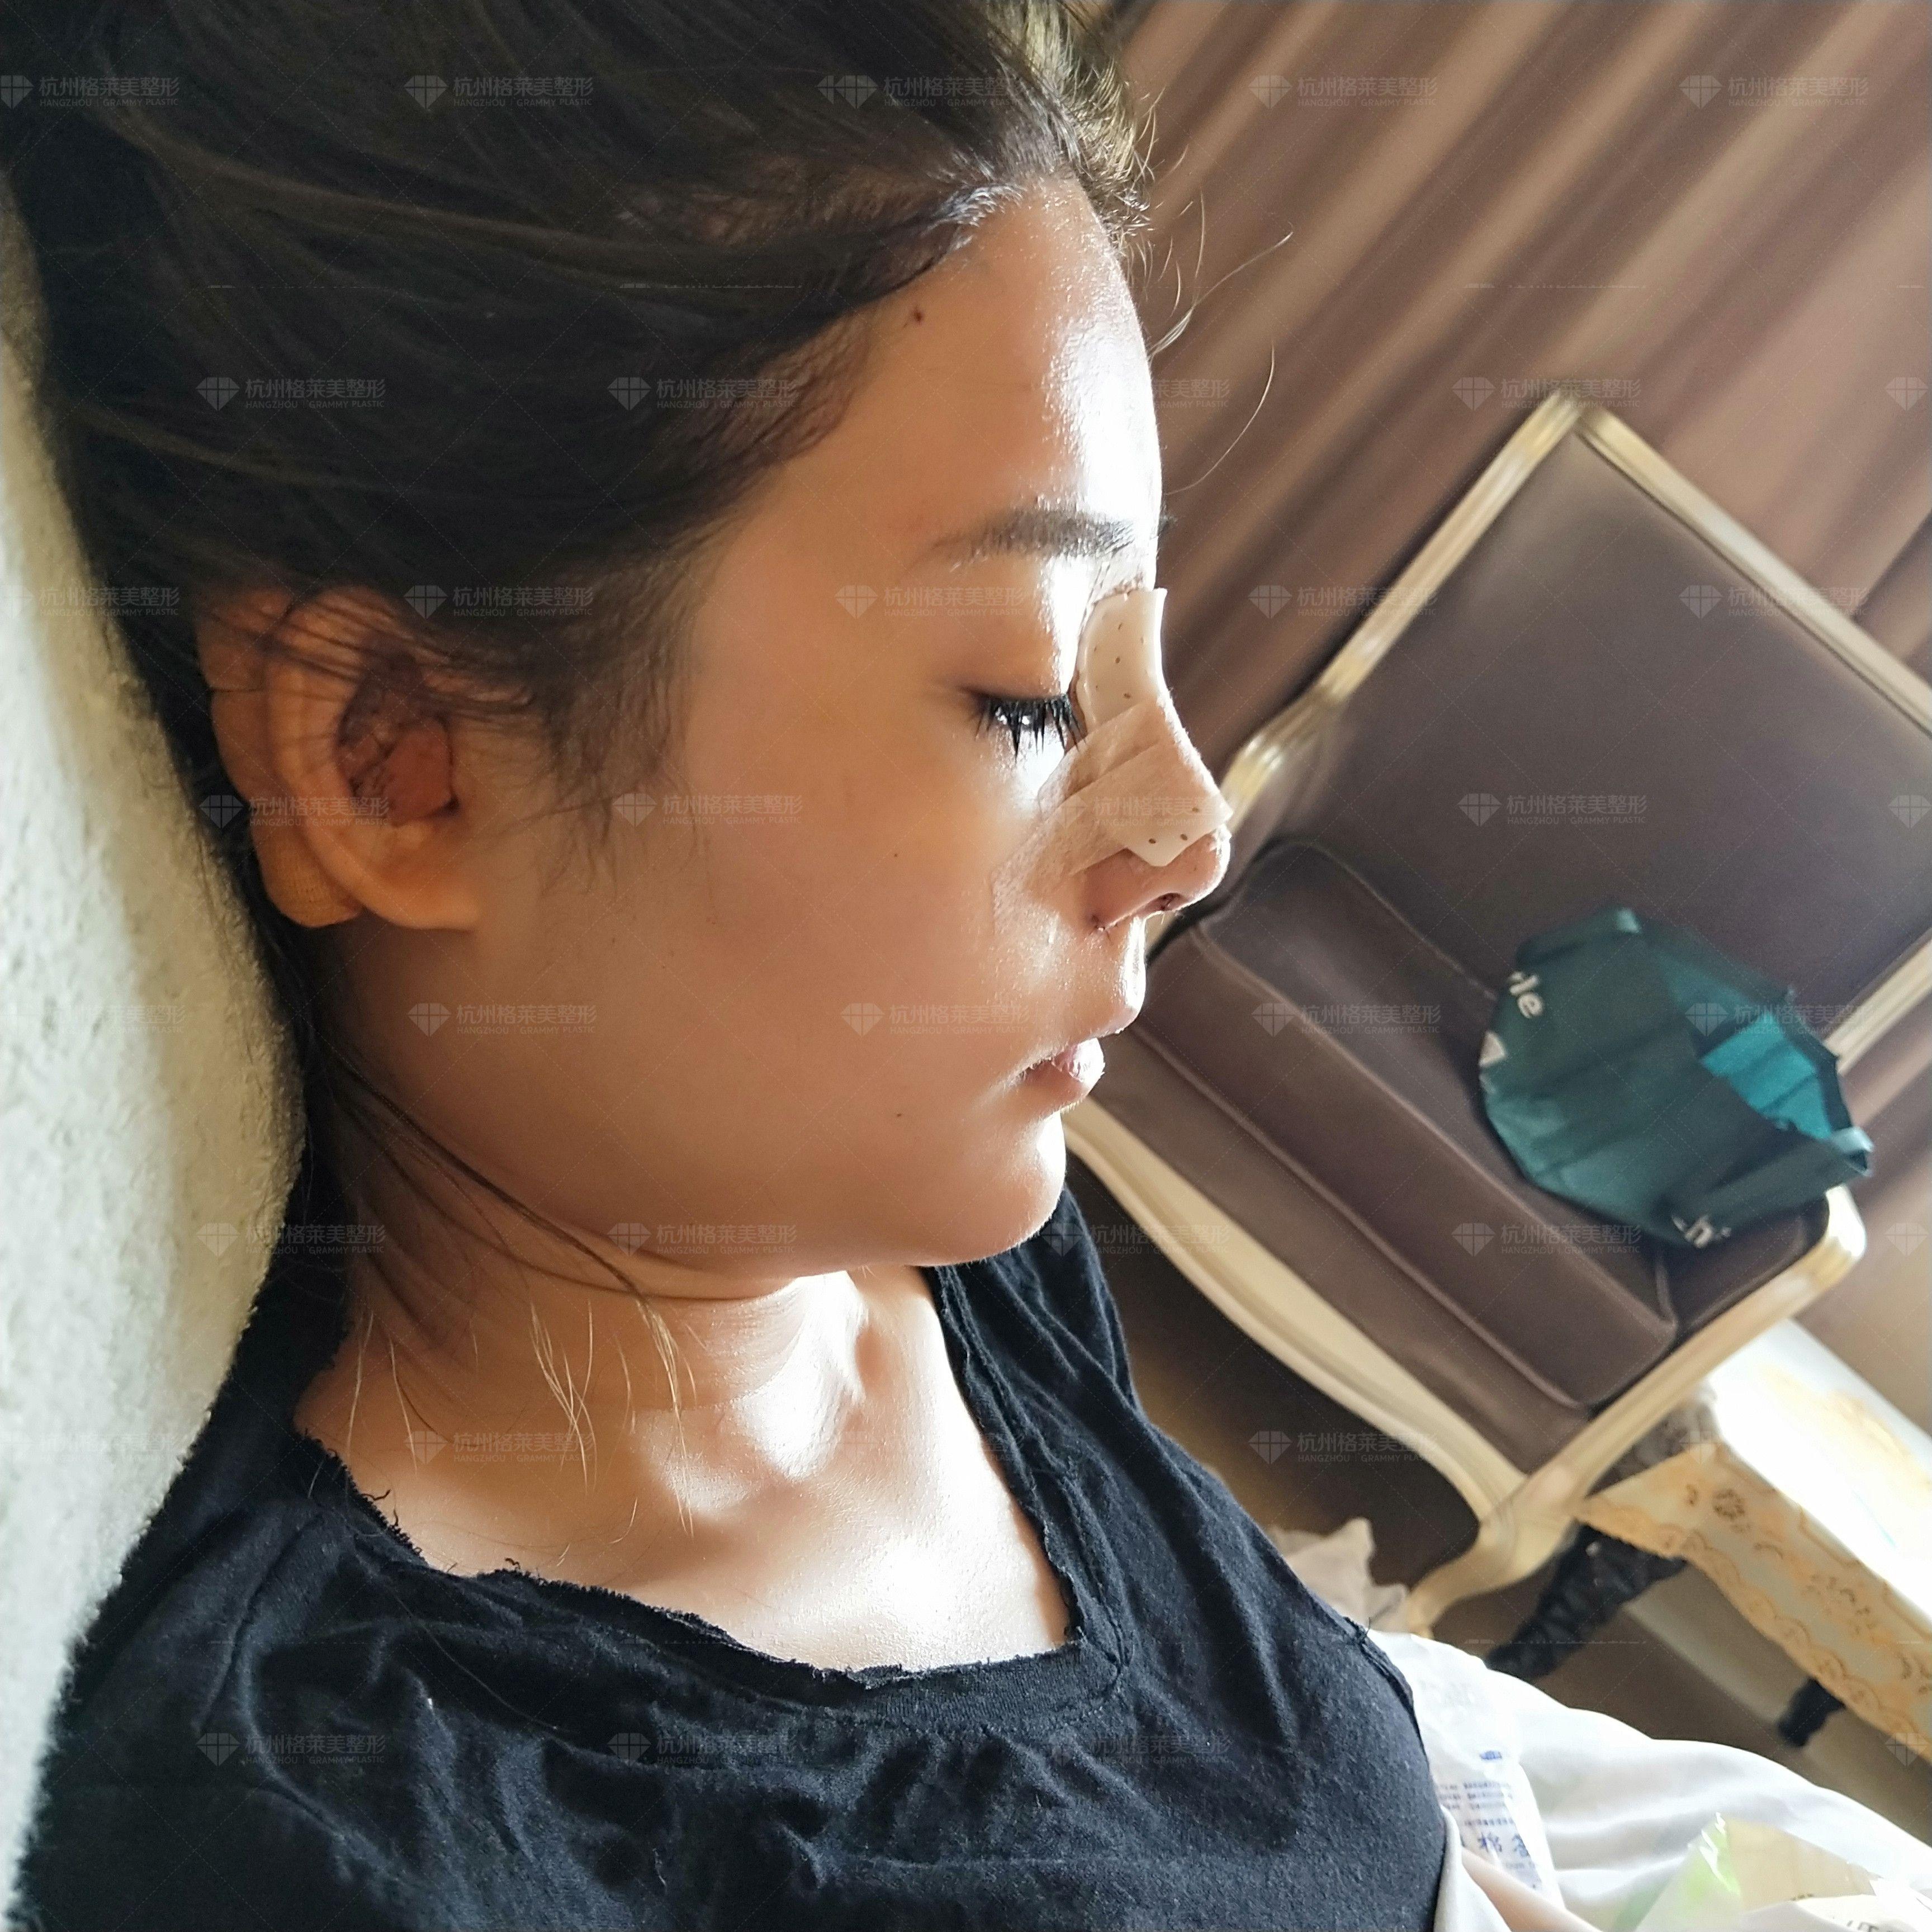 做完手术的第一天,早上起来就送来了早饭,一碗清粥小菜还有一个鸡蛋。吃着吃着医生就过来查房了,我问医生我老是感觉流鼻涕怎么办,医生说是正常的,因为鼻子没有插引流管,用棉签擦掉就行了。我做的是双侧耳软骨鼻头,所以两边耳朵都会疼,睡觉的时候都不敢动。还好我平时的习惯就是平躺着睡觉的。 做手术之前我还是很紧张的,因为我做的项目比较多,怕手术时间太久会有风险,后来麻醉医生来见我的时候我觉得还是很靠谱的,看上去经验很丰富的样子。我做的是假体隆鼻+双侧耳软骨垫鼻尖+鼻小柱延长+鼻头塑形+宽鼻+鼻翼缩小+自体脂肪填充颞部,但其实也就是一个鼻子和脂肪填太阳穴,不过要吸大腿上的脂肪,还好量不多,术后穿几天塑身裤就好了。做了宽鼻矫正希望效果能够比较明显吧。